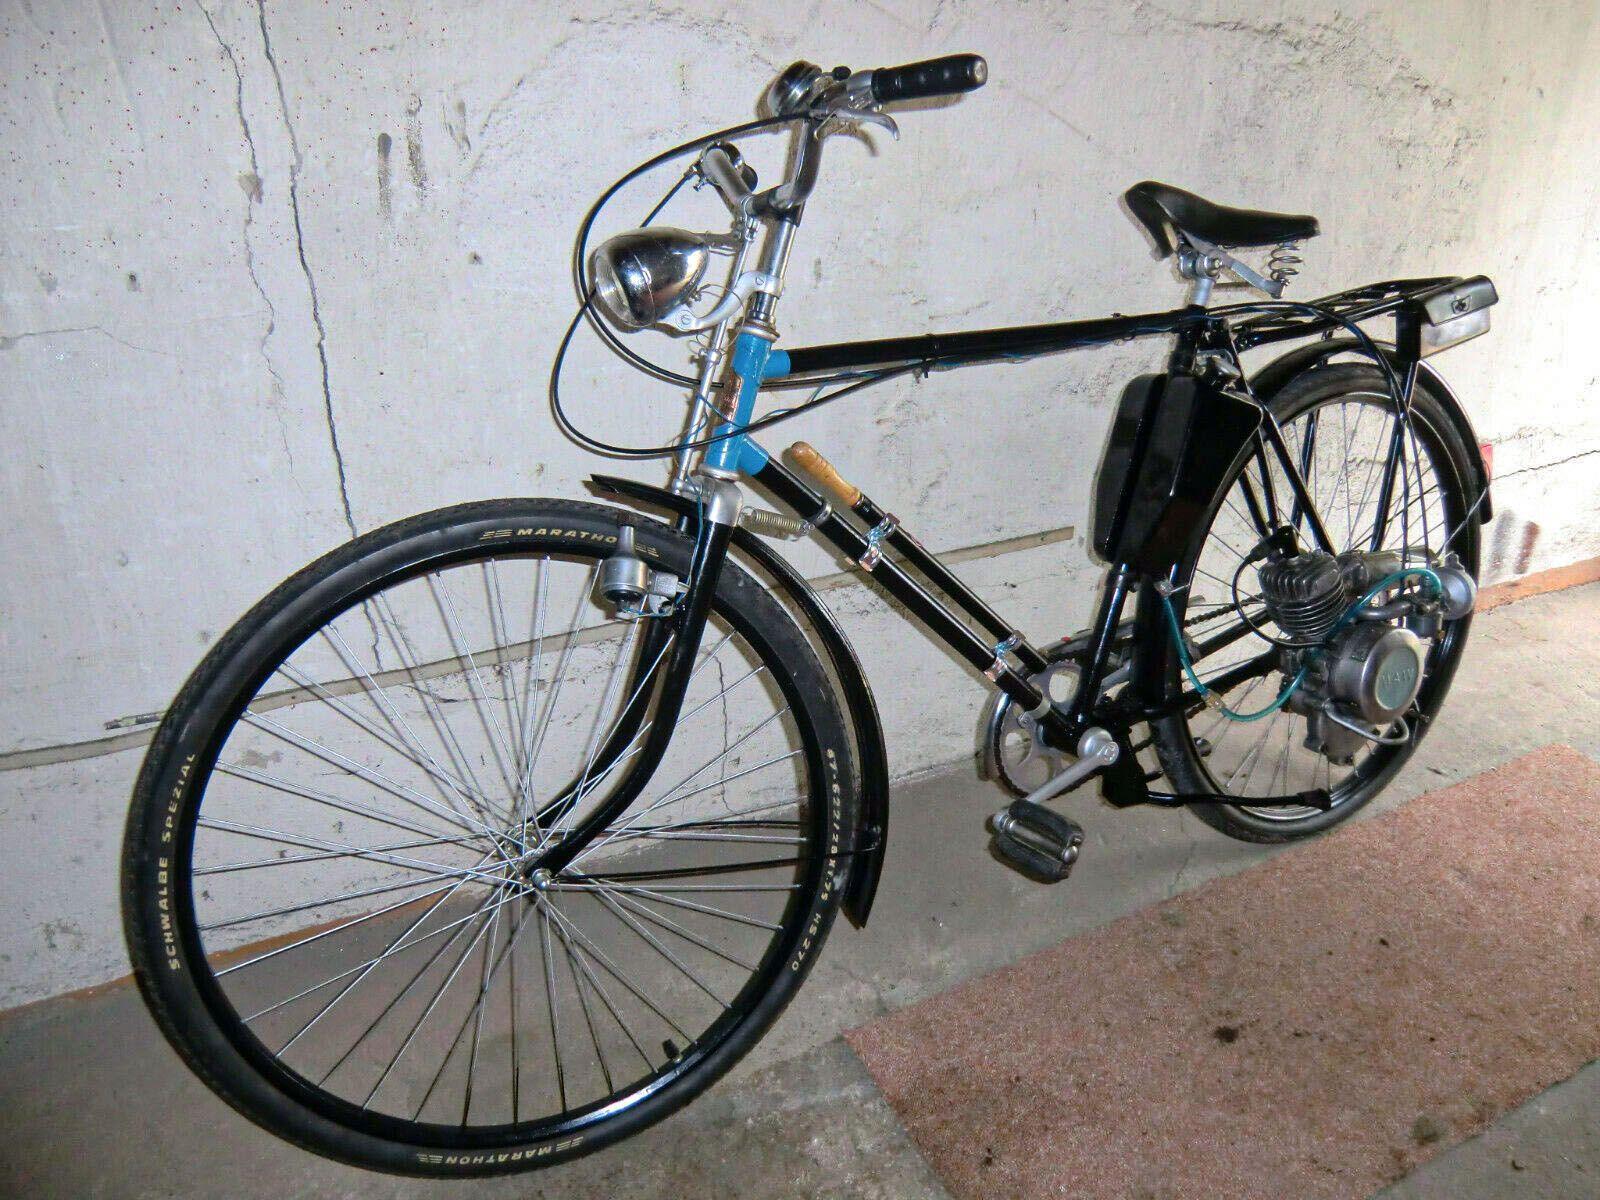 1957 Fahrrad Mit Maw Hilfsmotor Huhnerschreck Fahrrad Mit